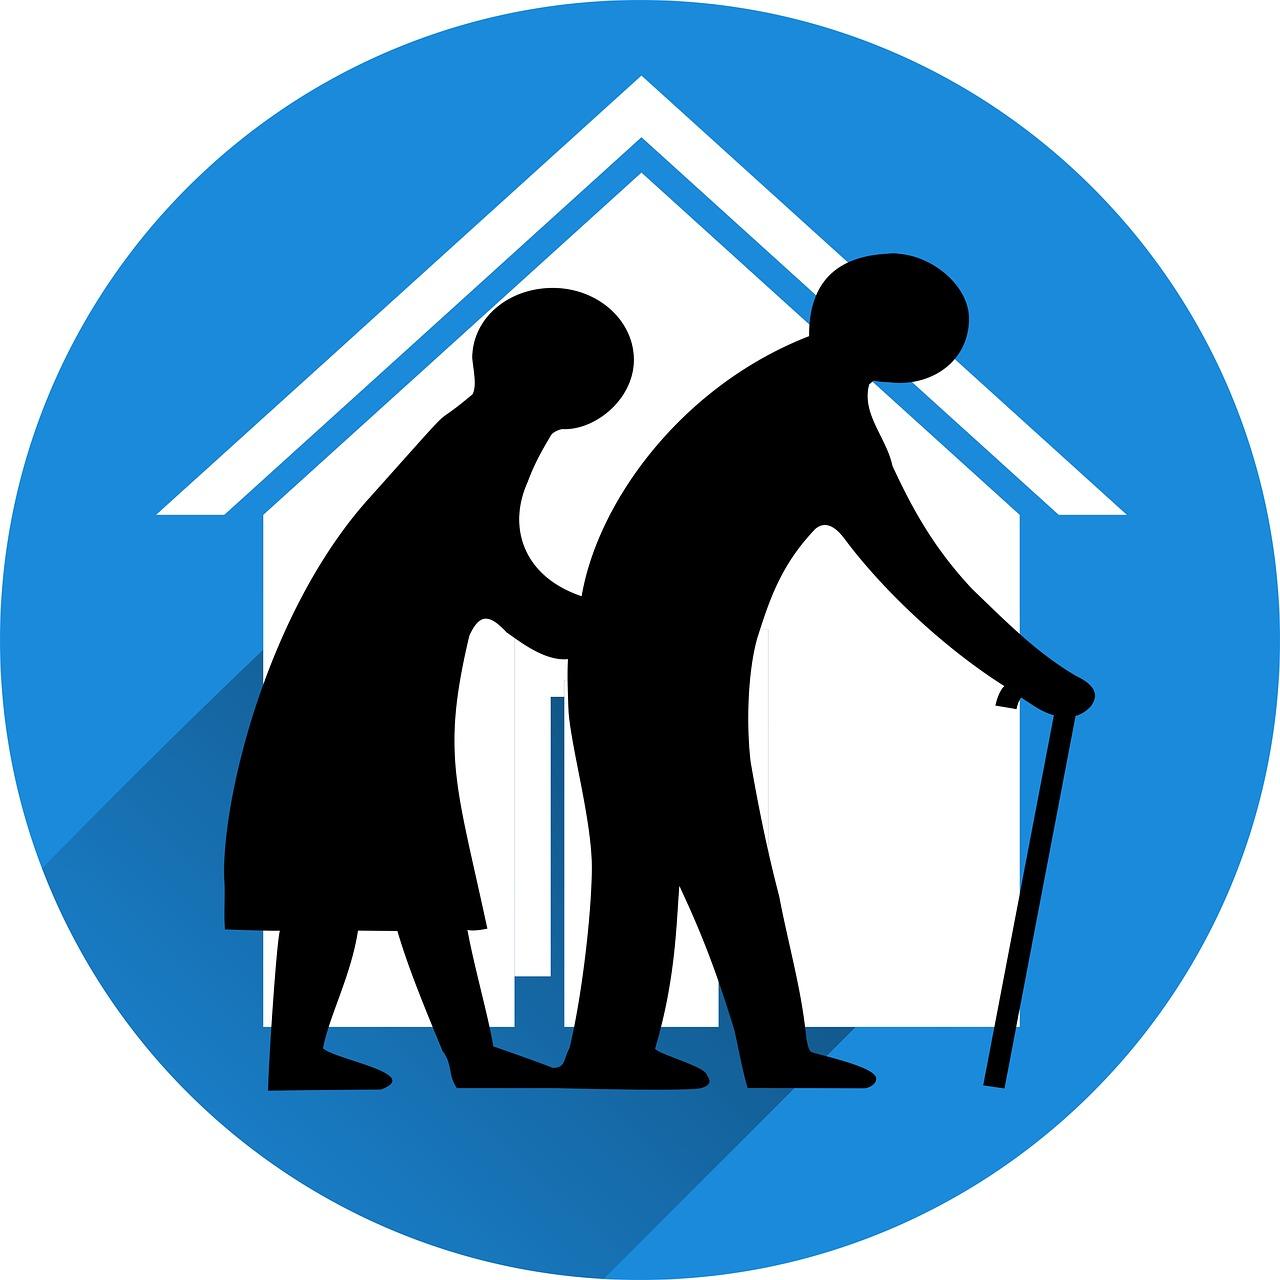 身寄りのない高齢者を誰が介護してくれるのか。